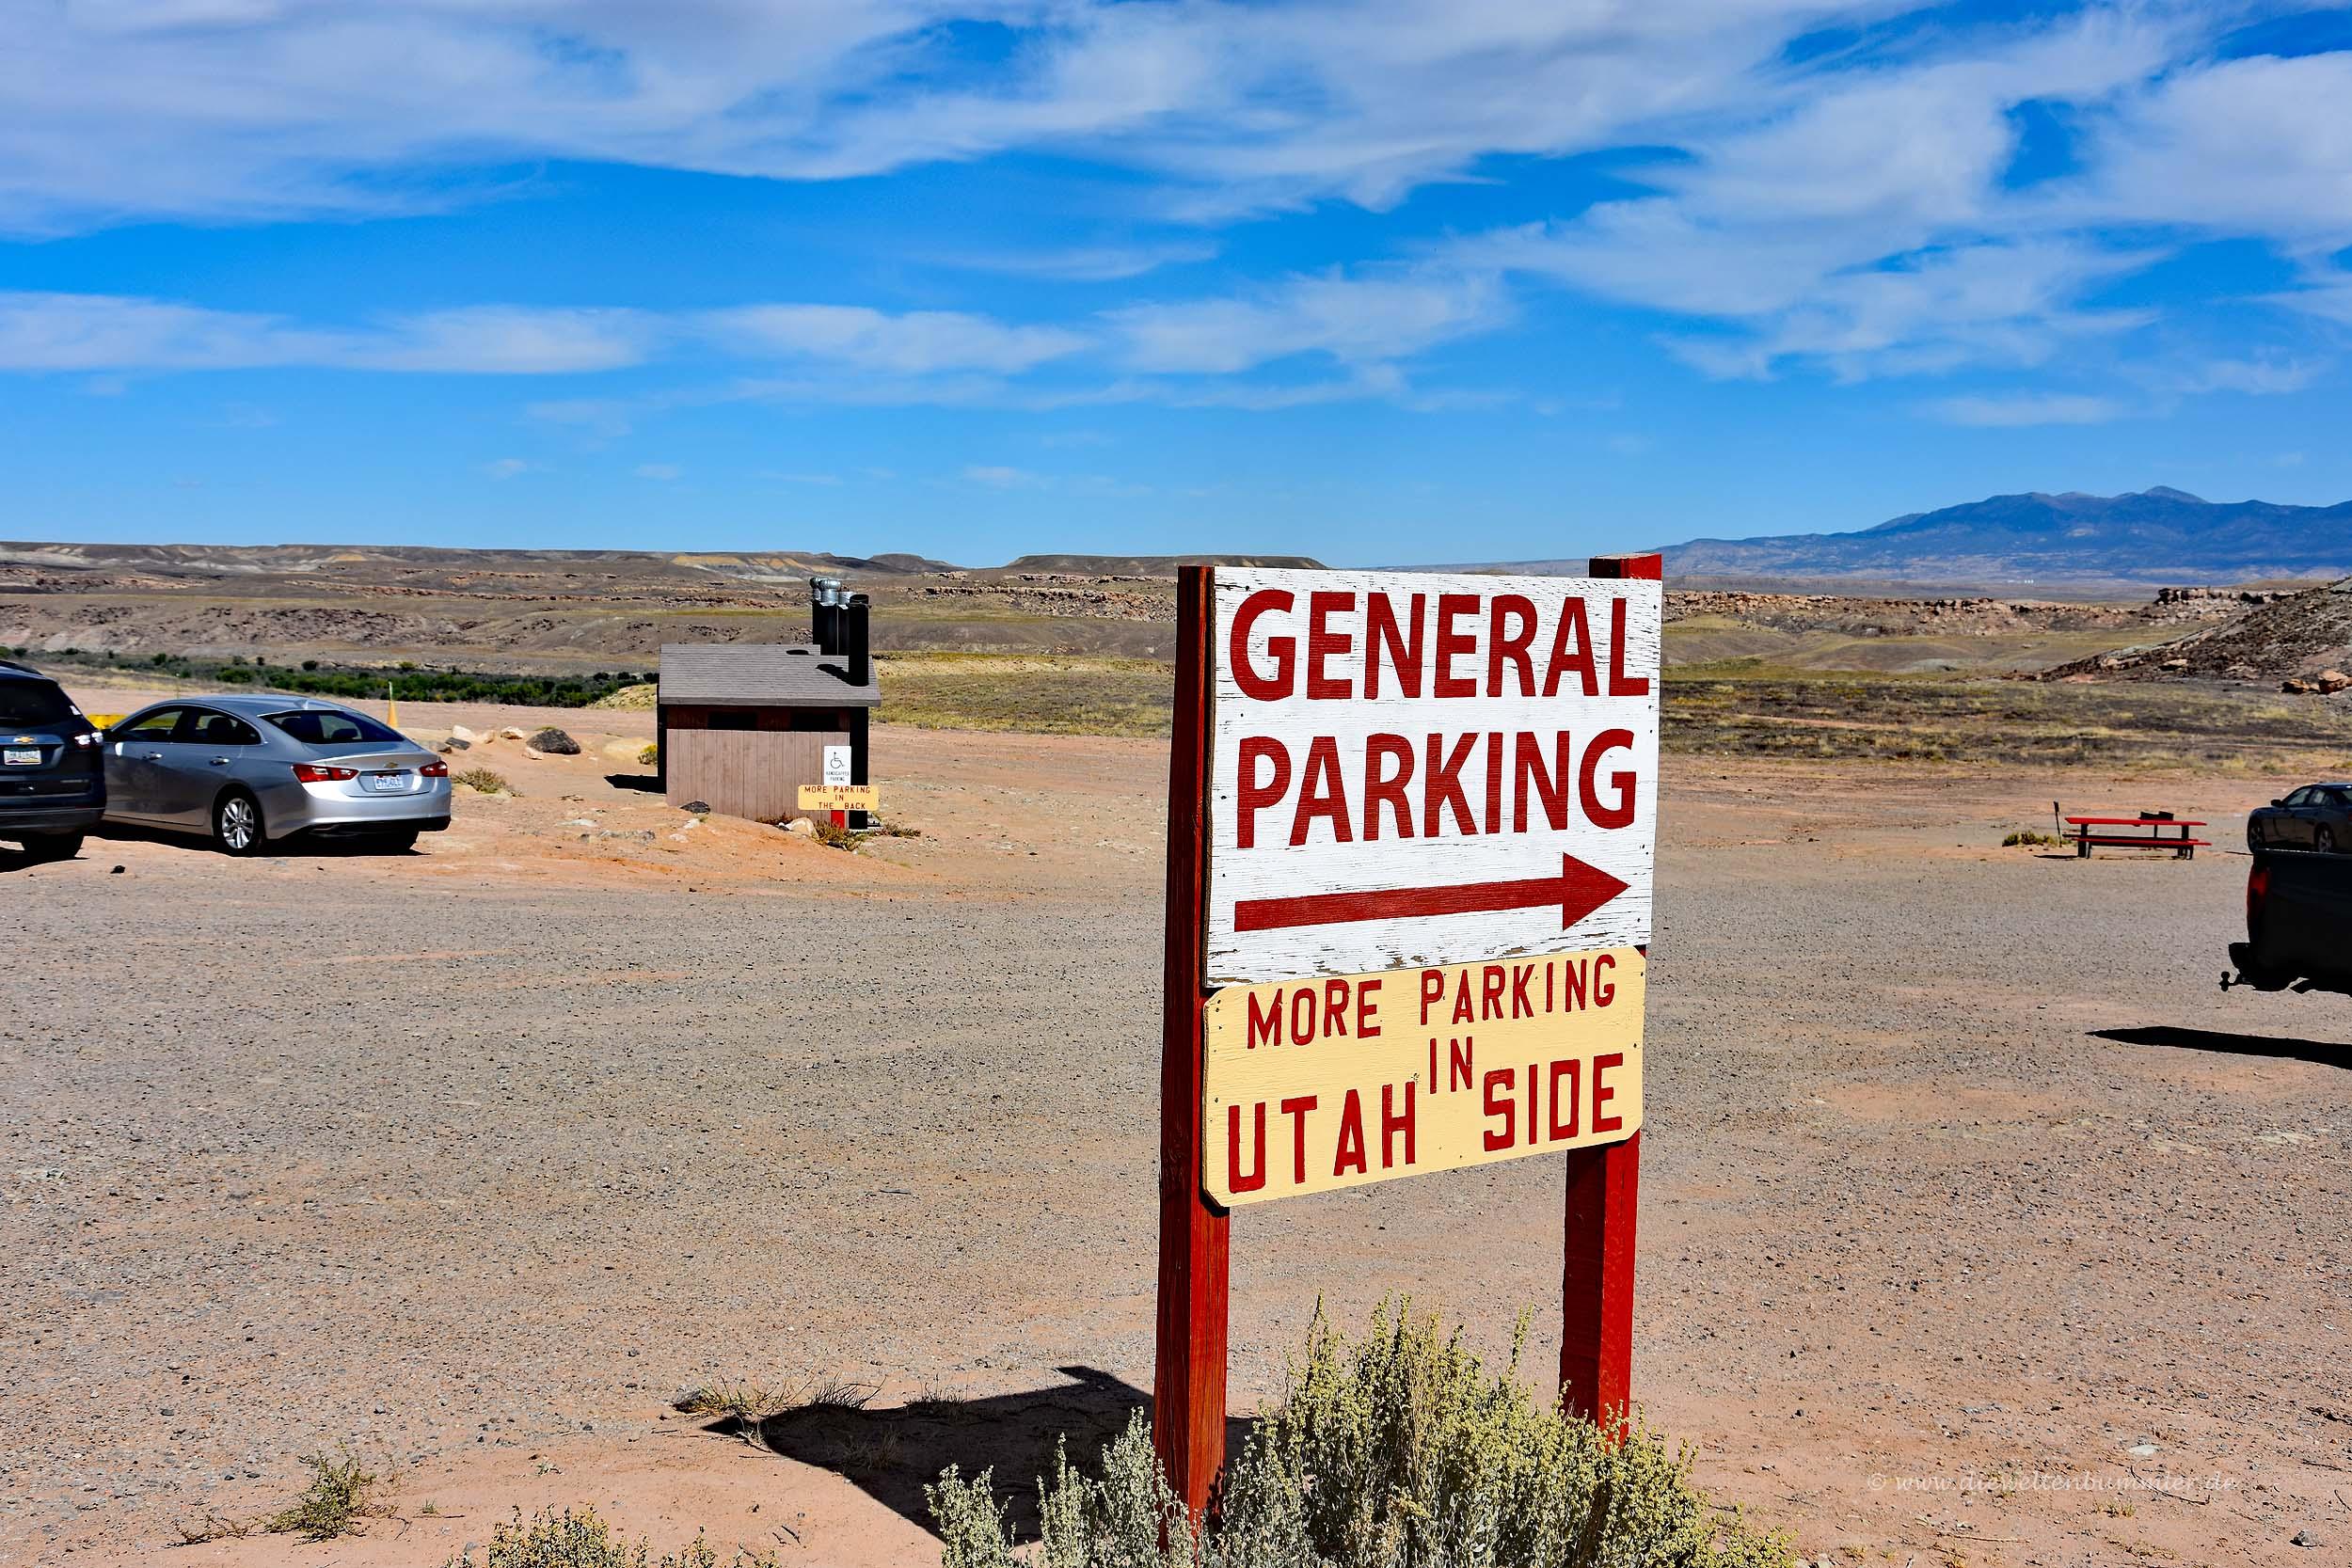 Weiterer Parkplatz in Utah